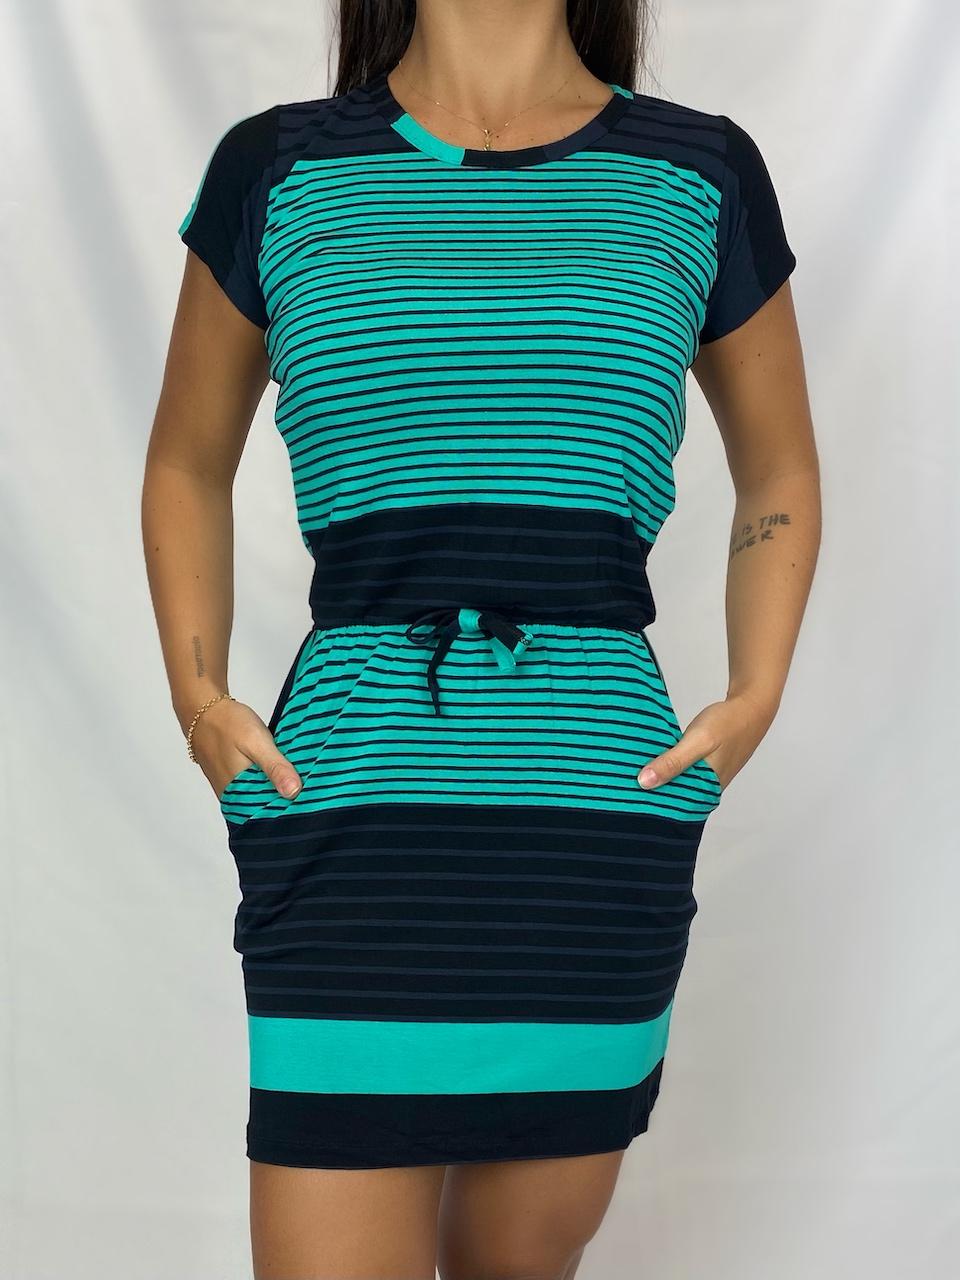 Vestido Curto Listrado com Cordão Feminino - Verde e Preto